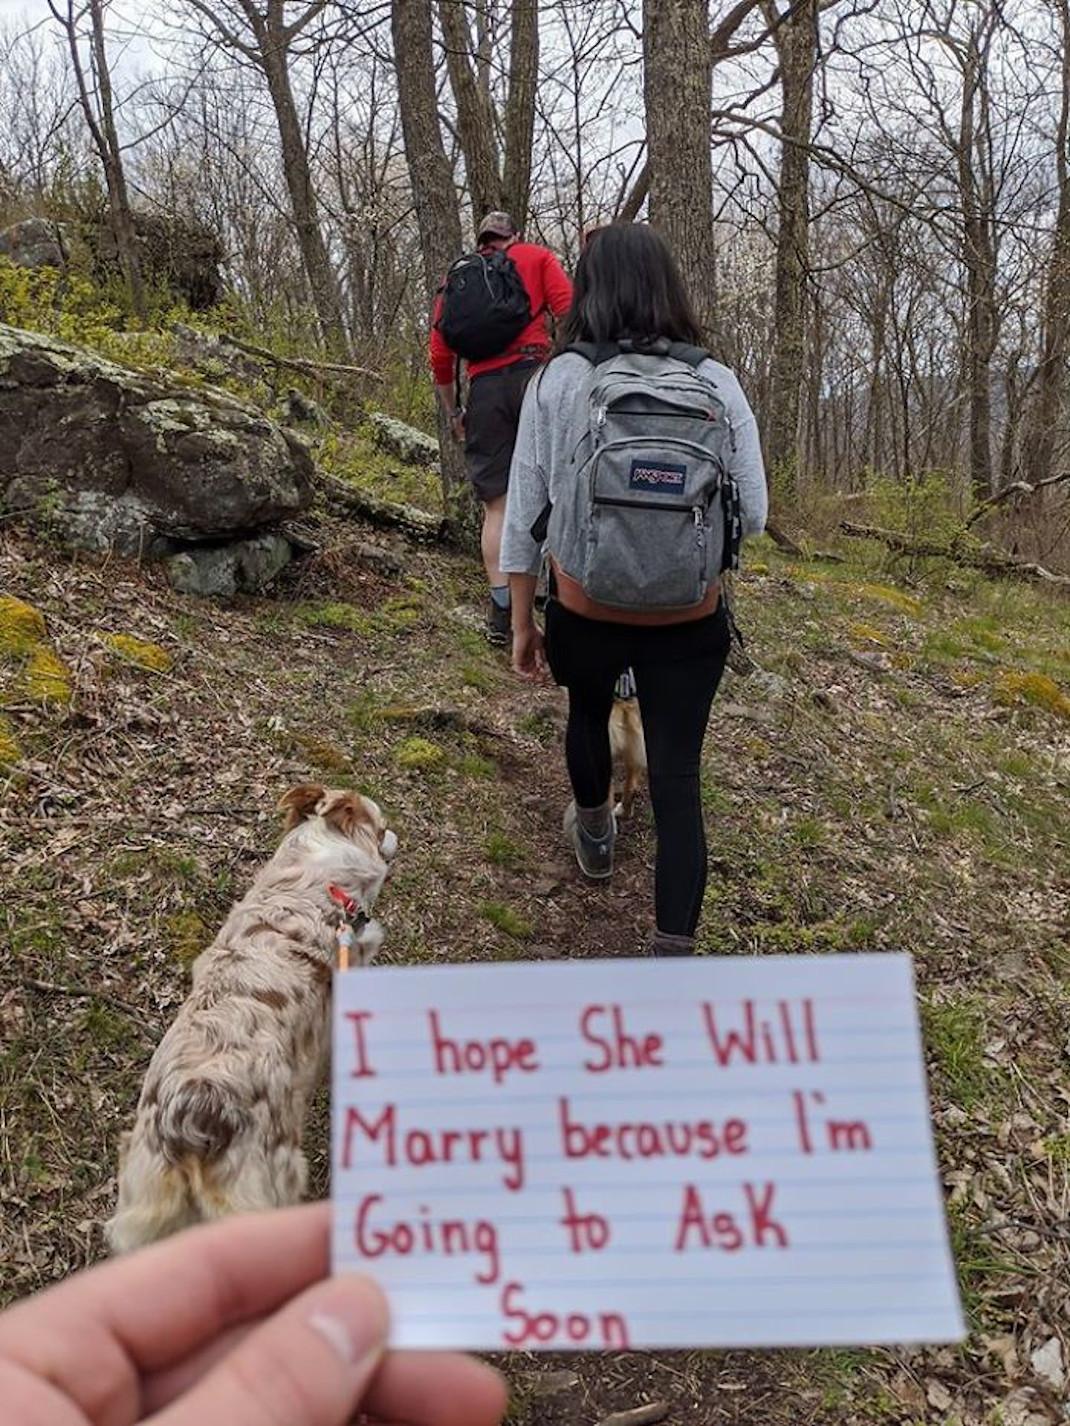 Πρόταση γάμου στην εποχή του κορωνοϊού